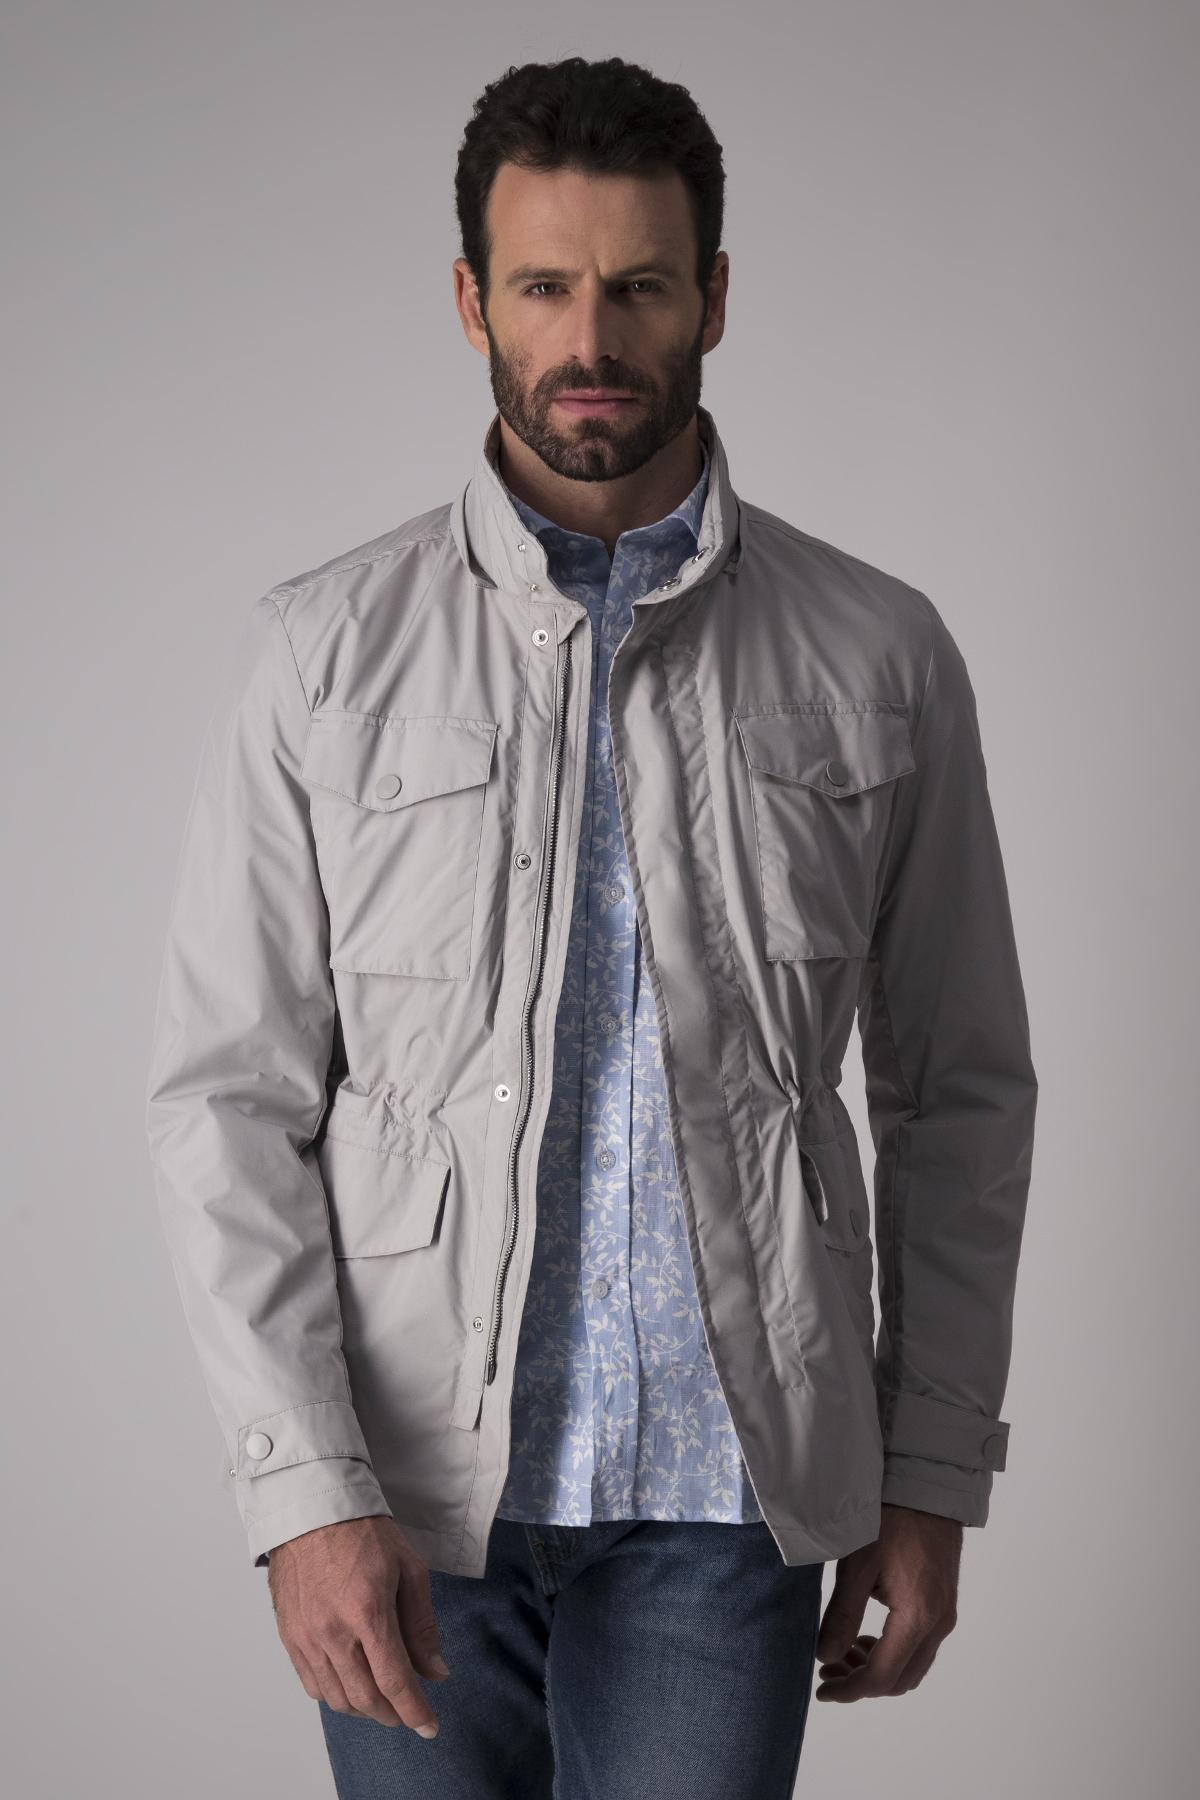 Chamarra Calderoni color gris, impermeable con capucha.